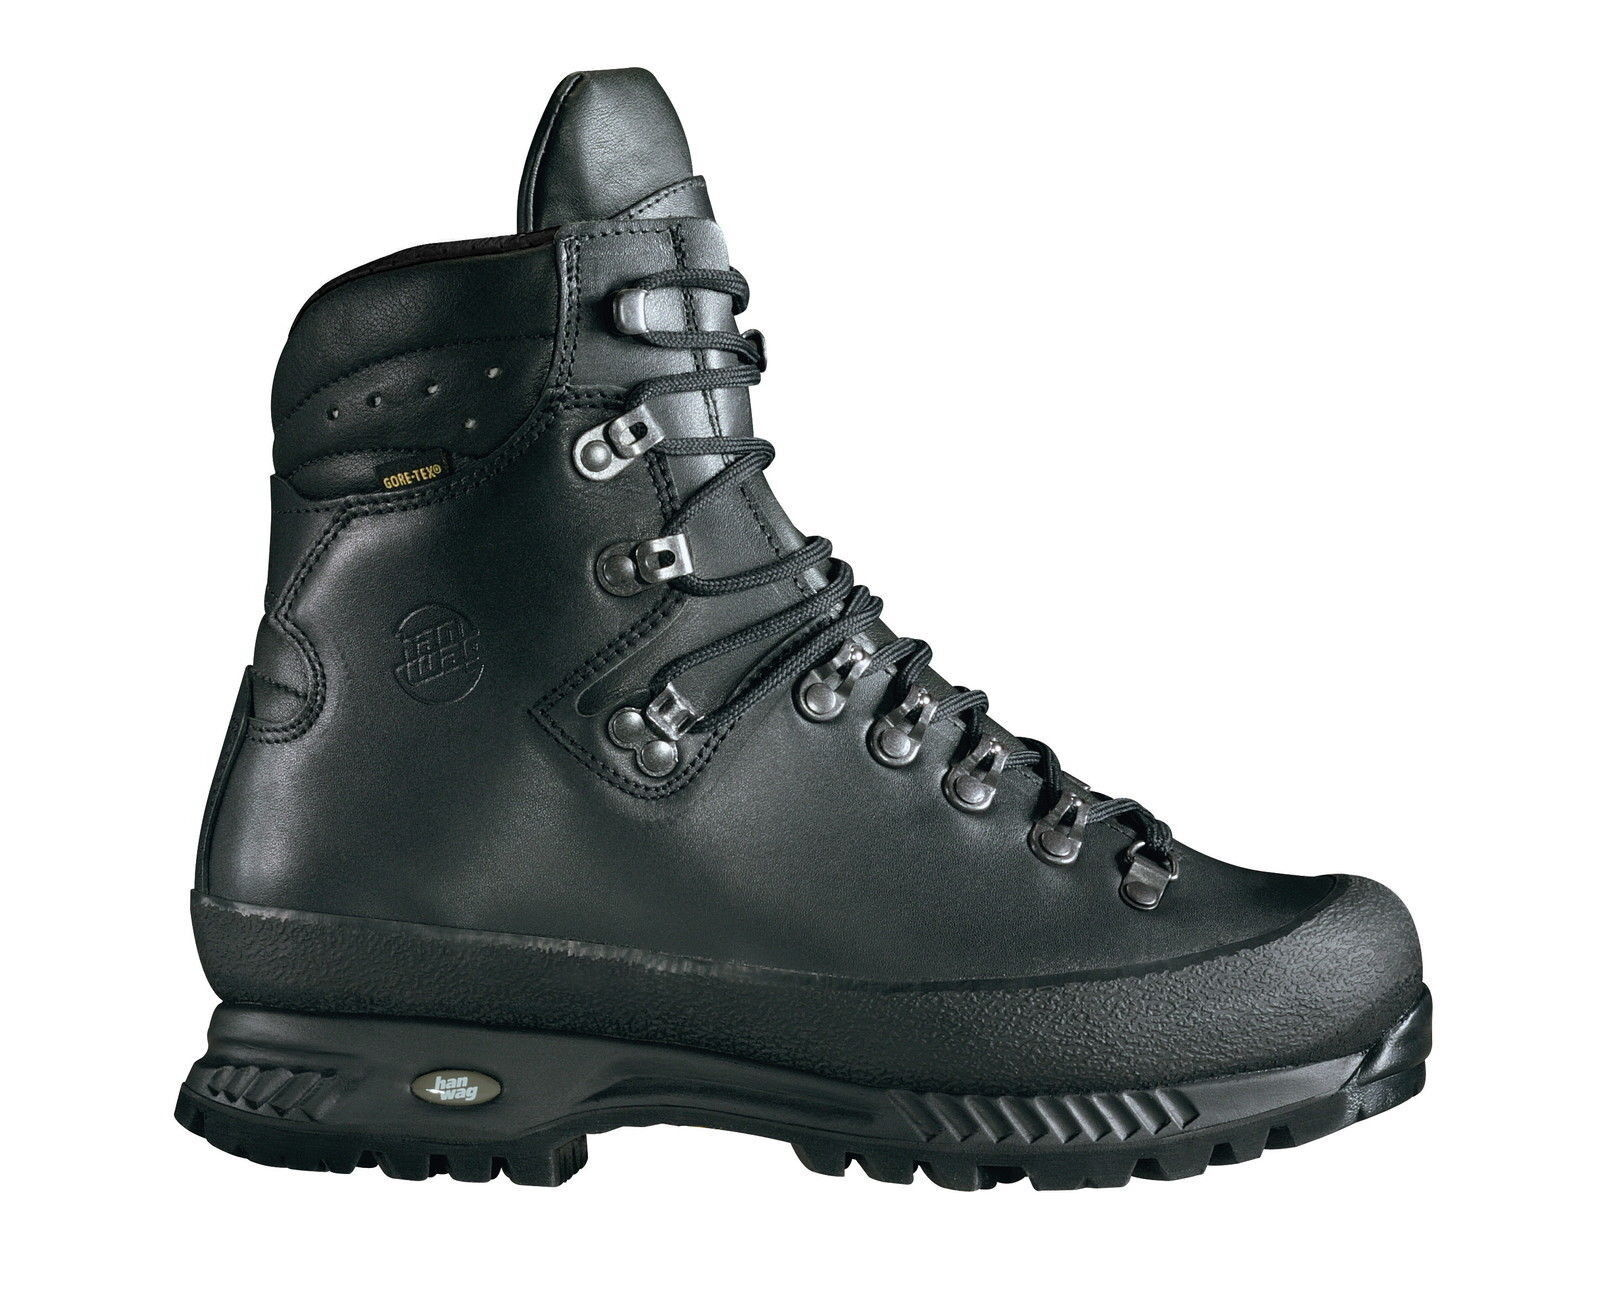 Hanwag zapatos de montaña  alaska GTX Lady tamaño 8 - 42 negro